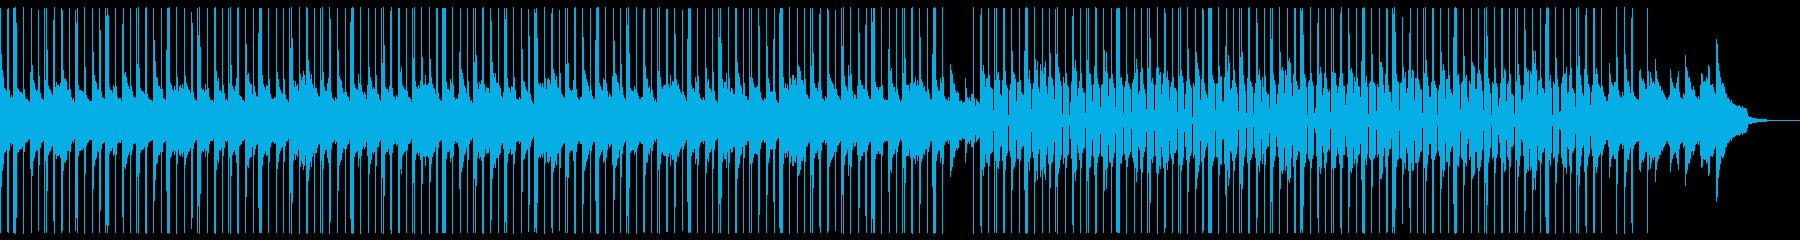 (生音)極上ピアノのJAZZYビートの再生済みの波形